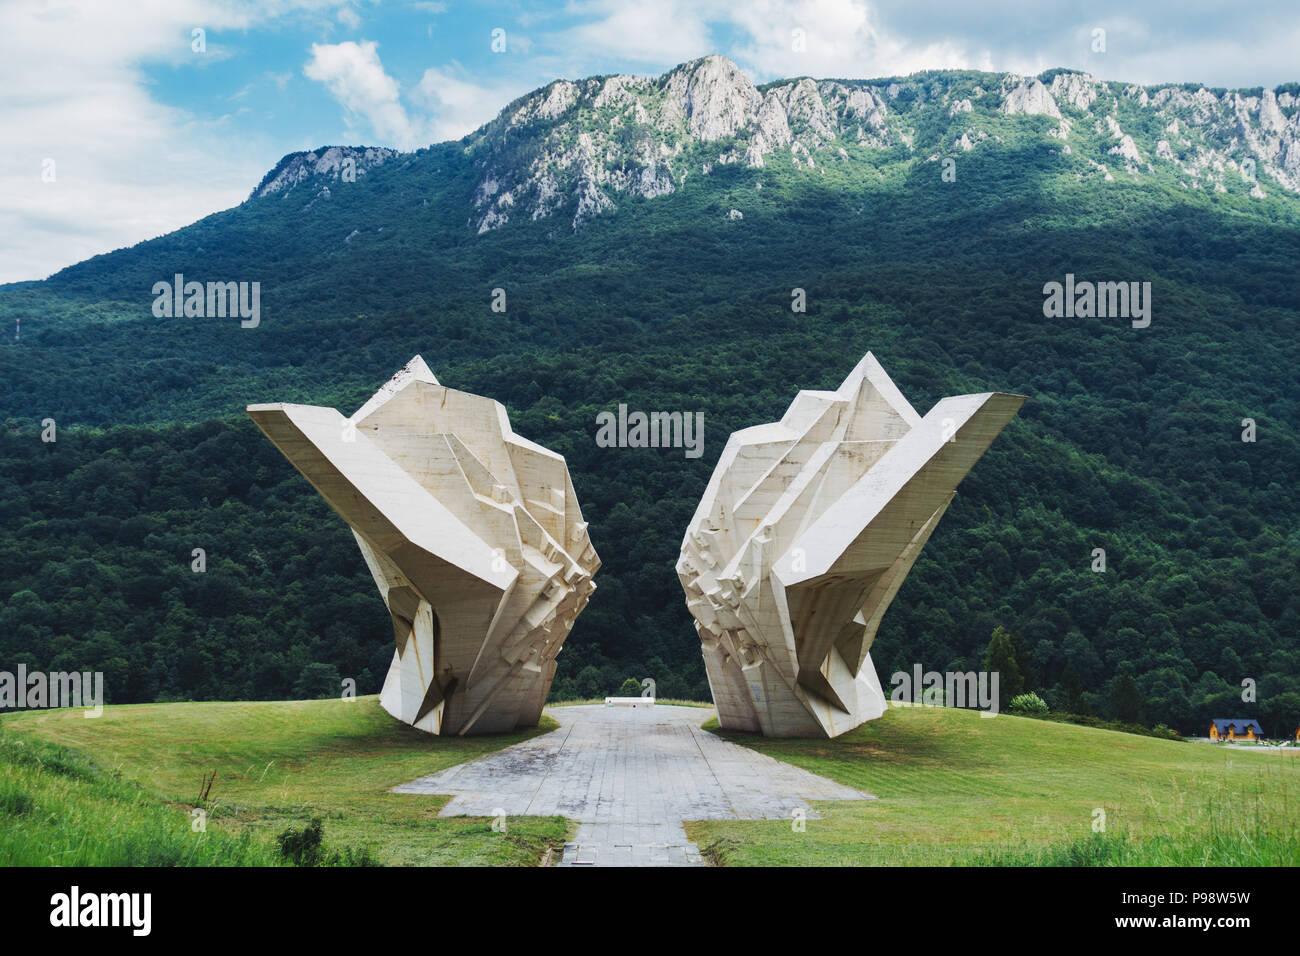 Ein riesiger weißer Beton spomenik (jugoslawischen Krieg Denkmal) sitzt in die Berge des Nationalpark Sutjeska, Bosnien und Herzegowina Stockfoto